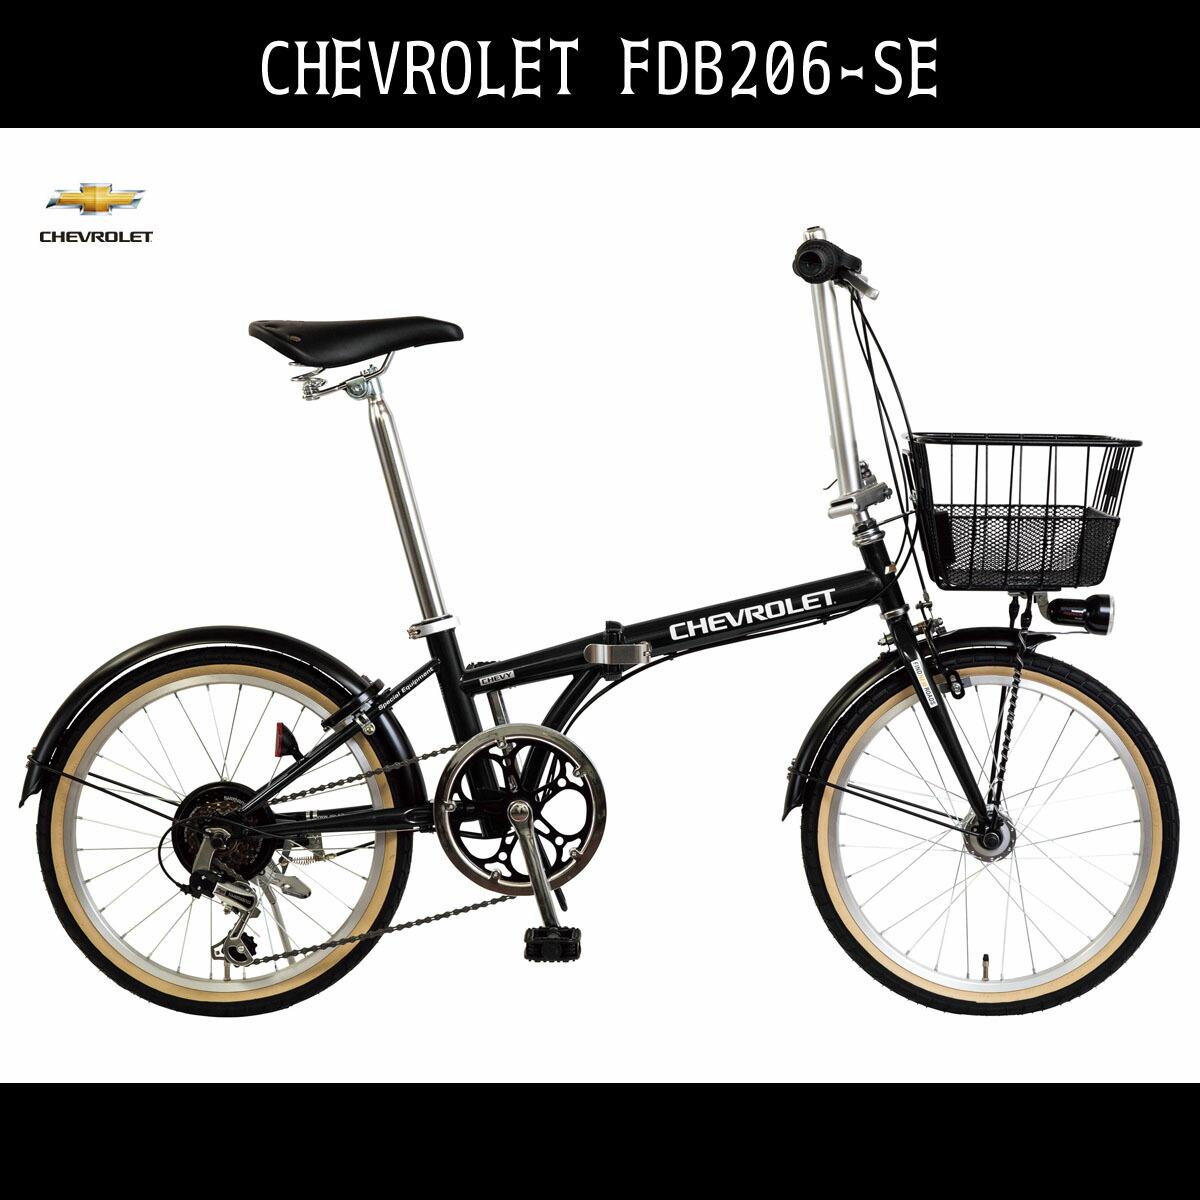 折りたたみ自転車 シボレー 自転車 ブラック 黒色20インチ 折りたたみ自転車 外装6段変速ギア LEDオートライト 鍵付き かご付き CHEVROLET CHEVY シェビー 自転車 シボレー FDB206-SE